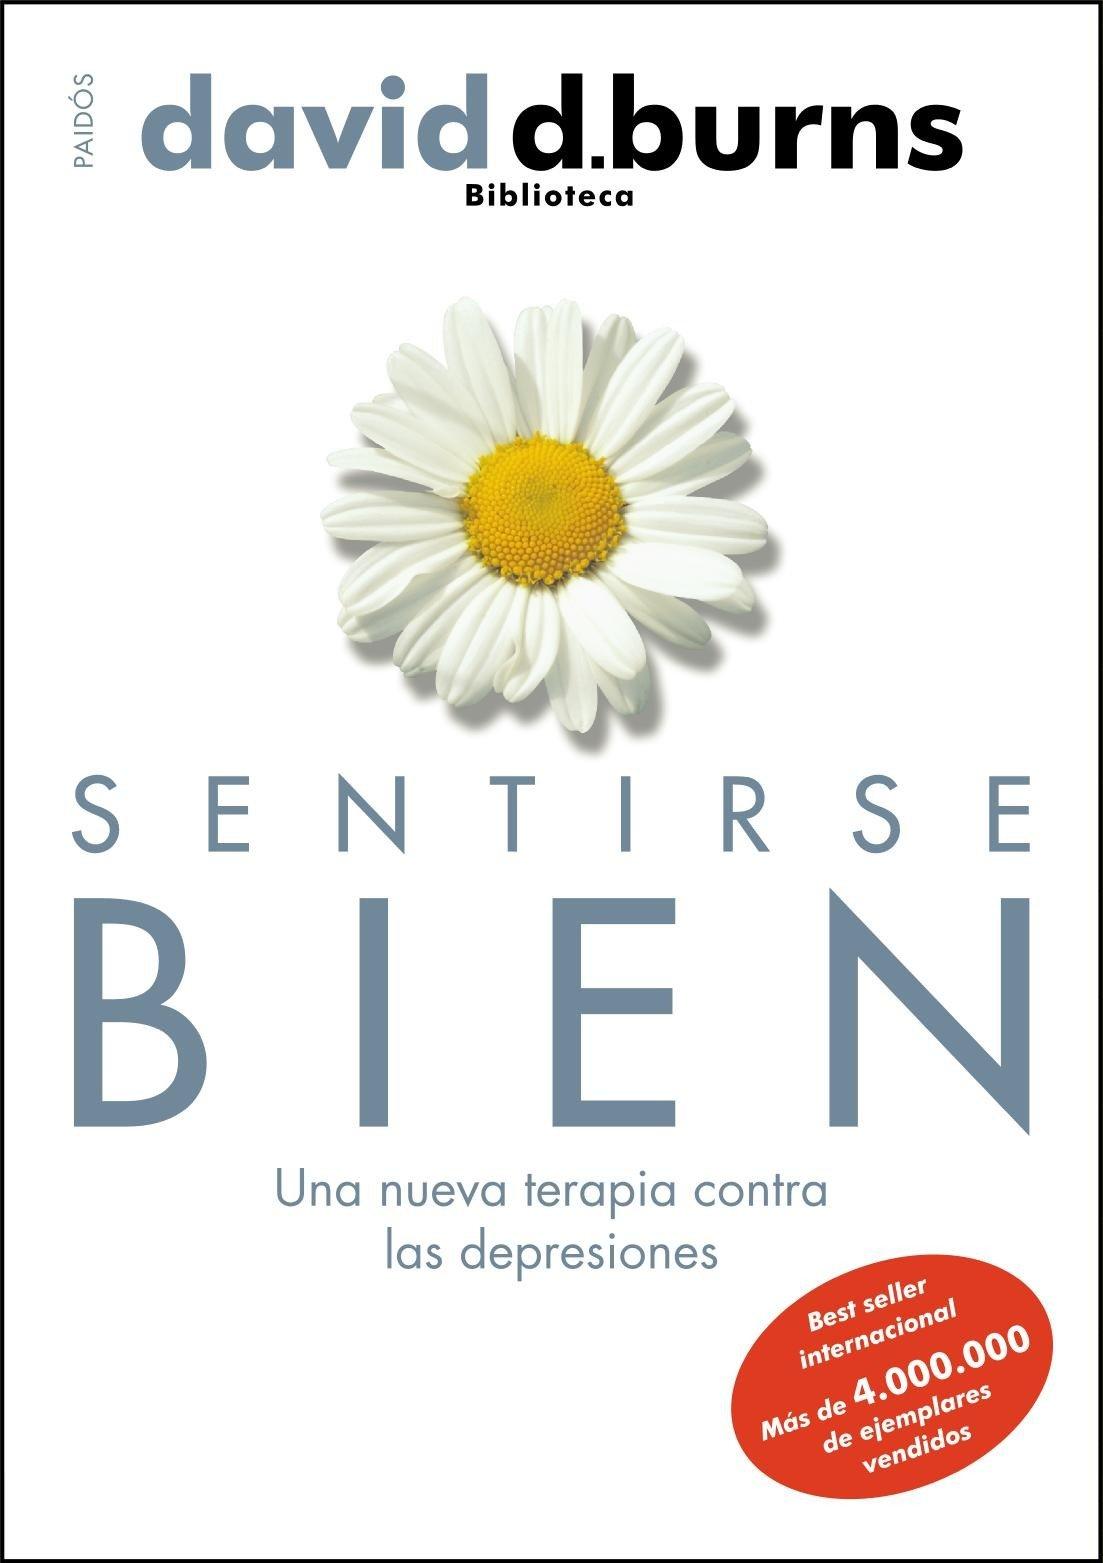 Sentirse bien: Una nueva terapia contra las depresiones (Biblioteca David D. Burns)